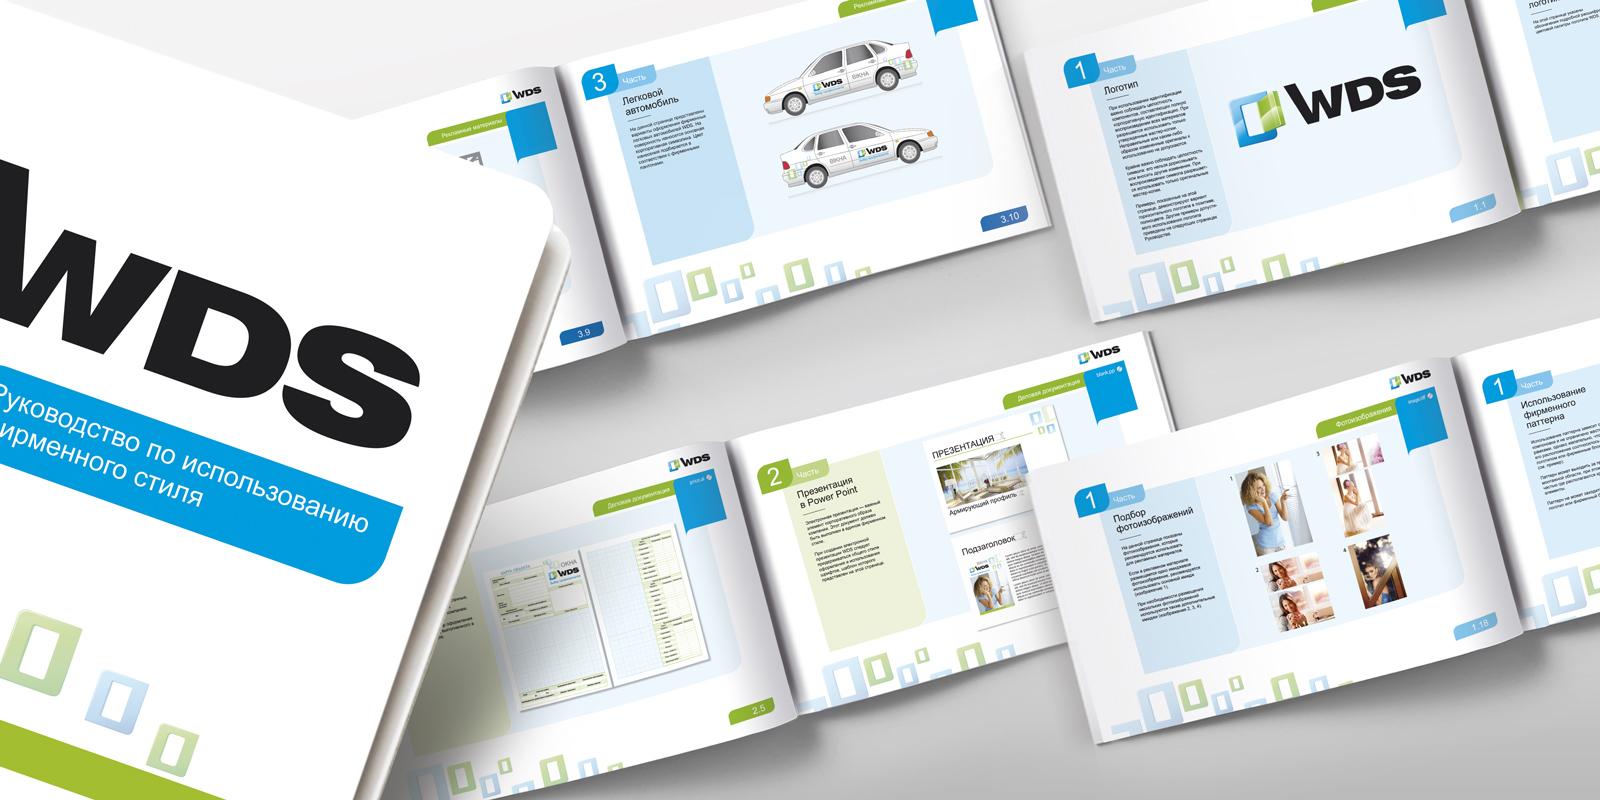 TM WDS;;;;;;Разработка руководства по использованию фирменного стиля (Brand Book);;;;;;<span>Клиент:</span> Компания «МИРОПЛАСТ»;;;;;;;;;;;;Разработка руководства по использованию фирменного стиля (Brand Book);;;;;;1